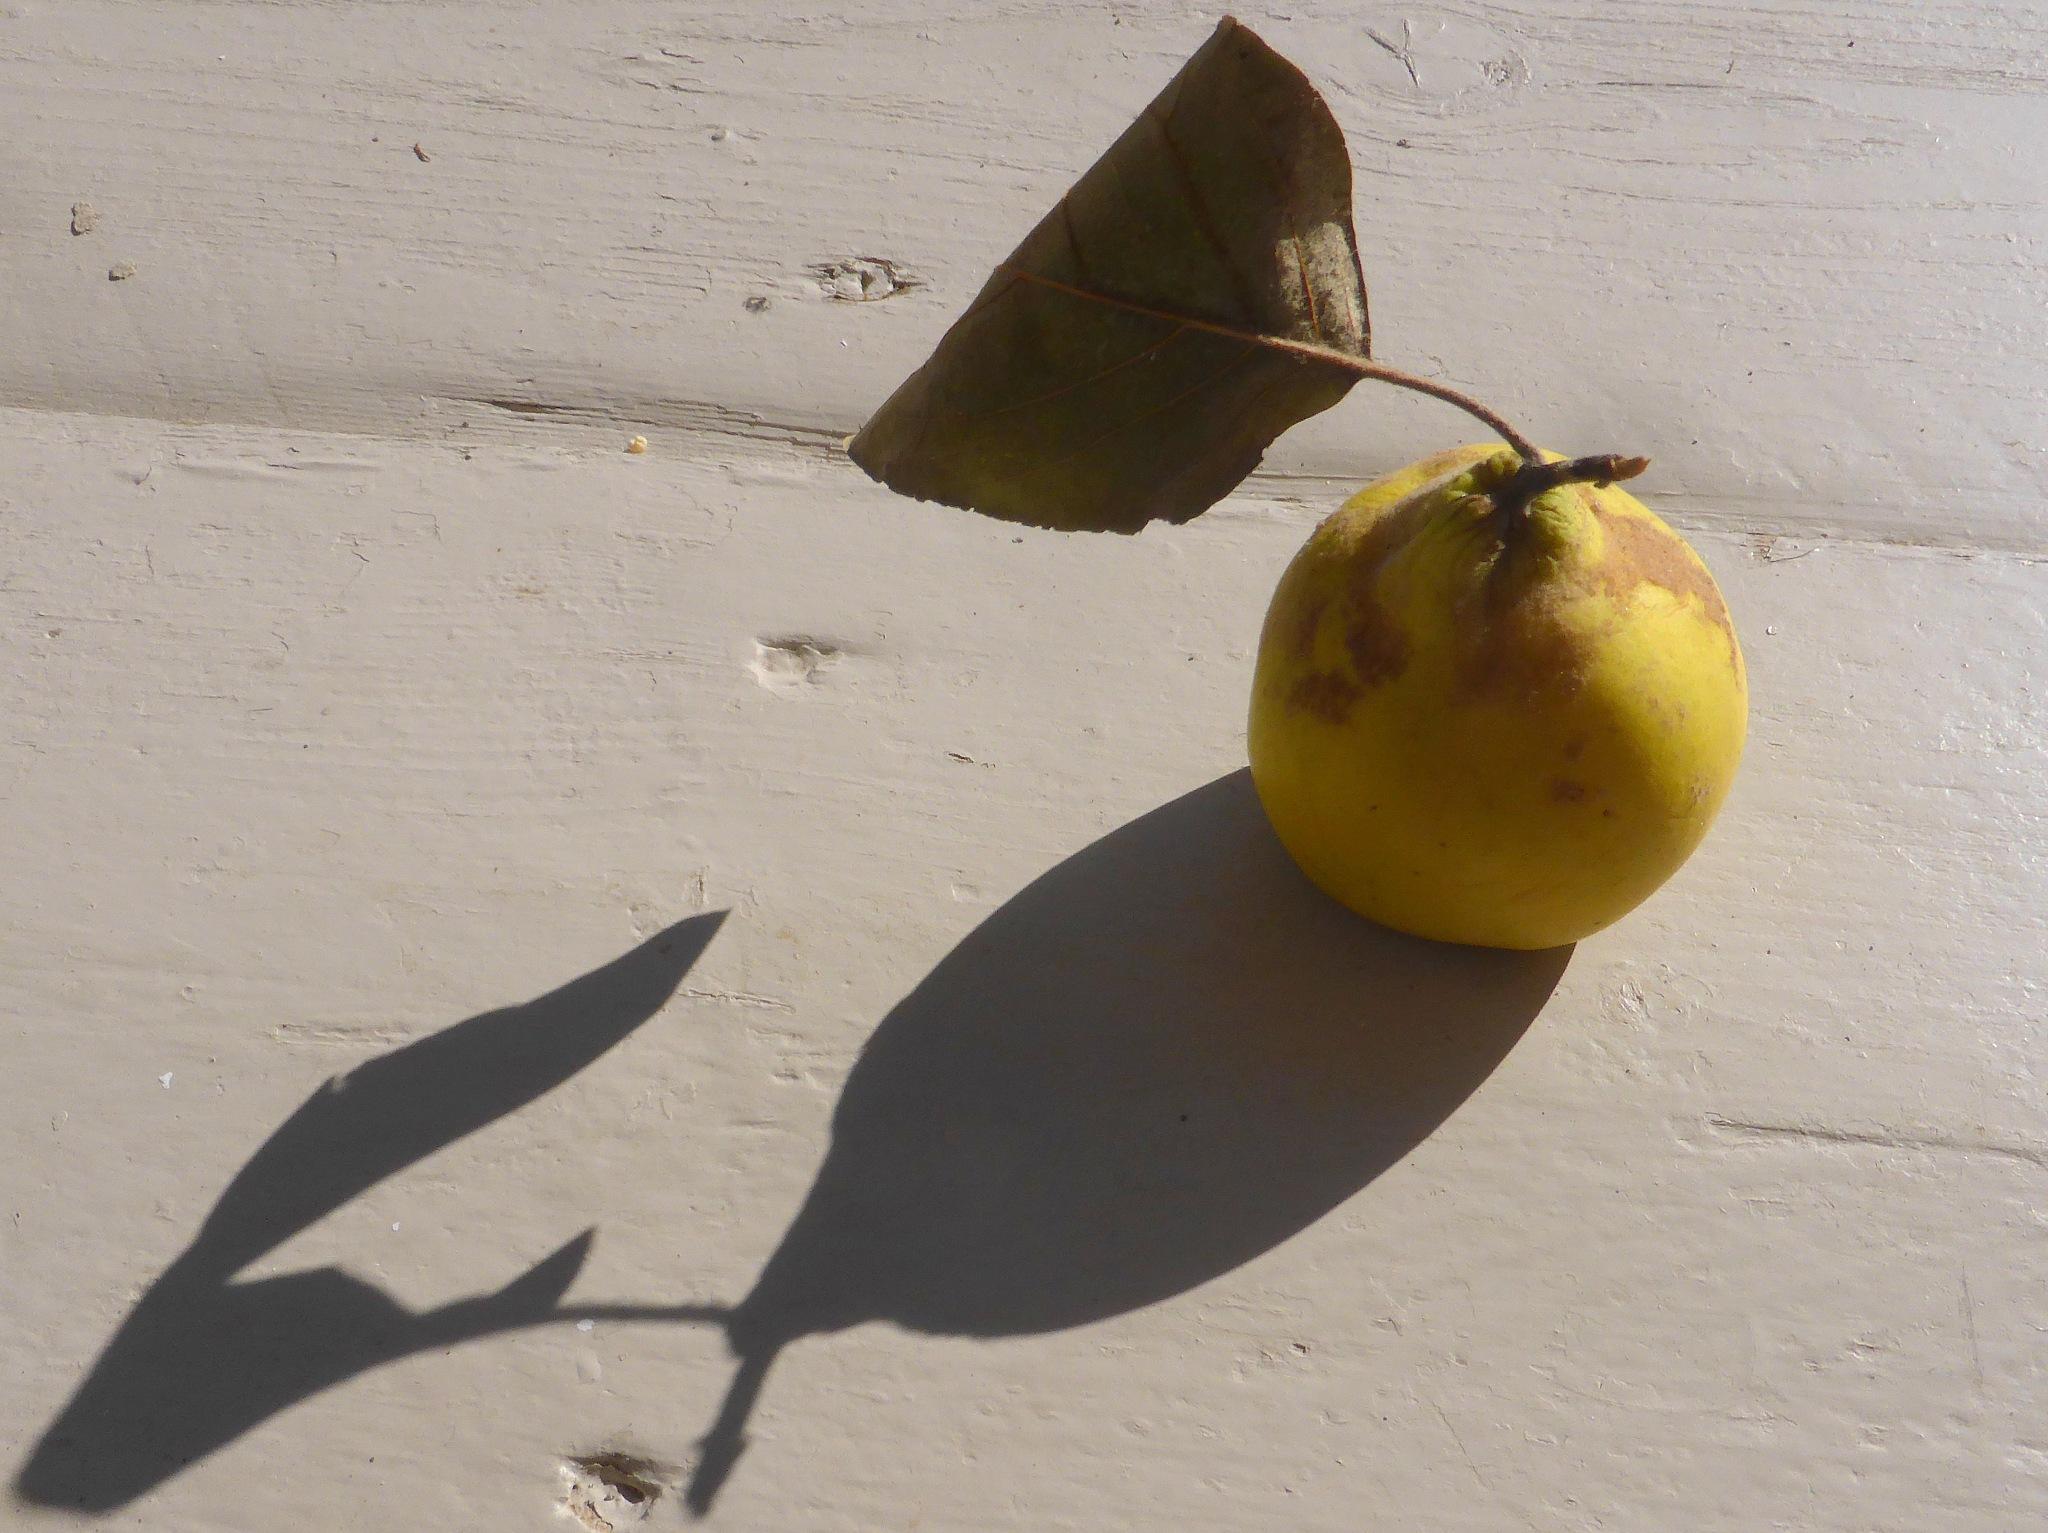 Pear in the autumn sun by Nicola Alocci